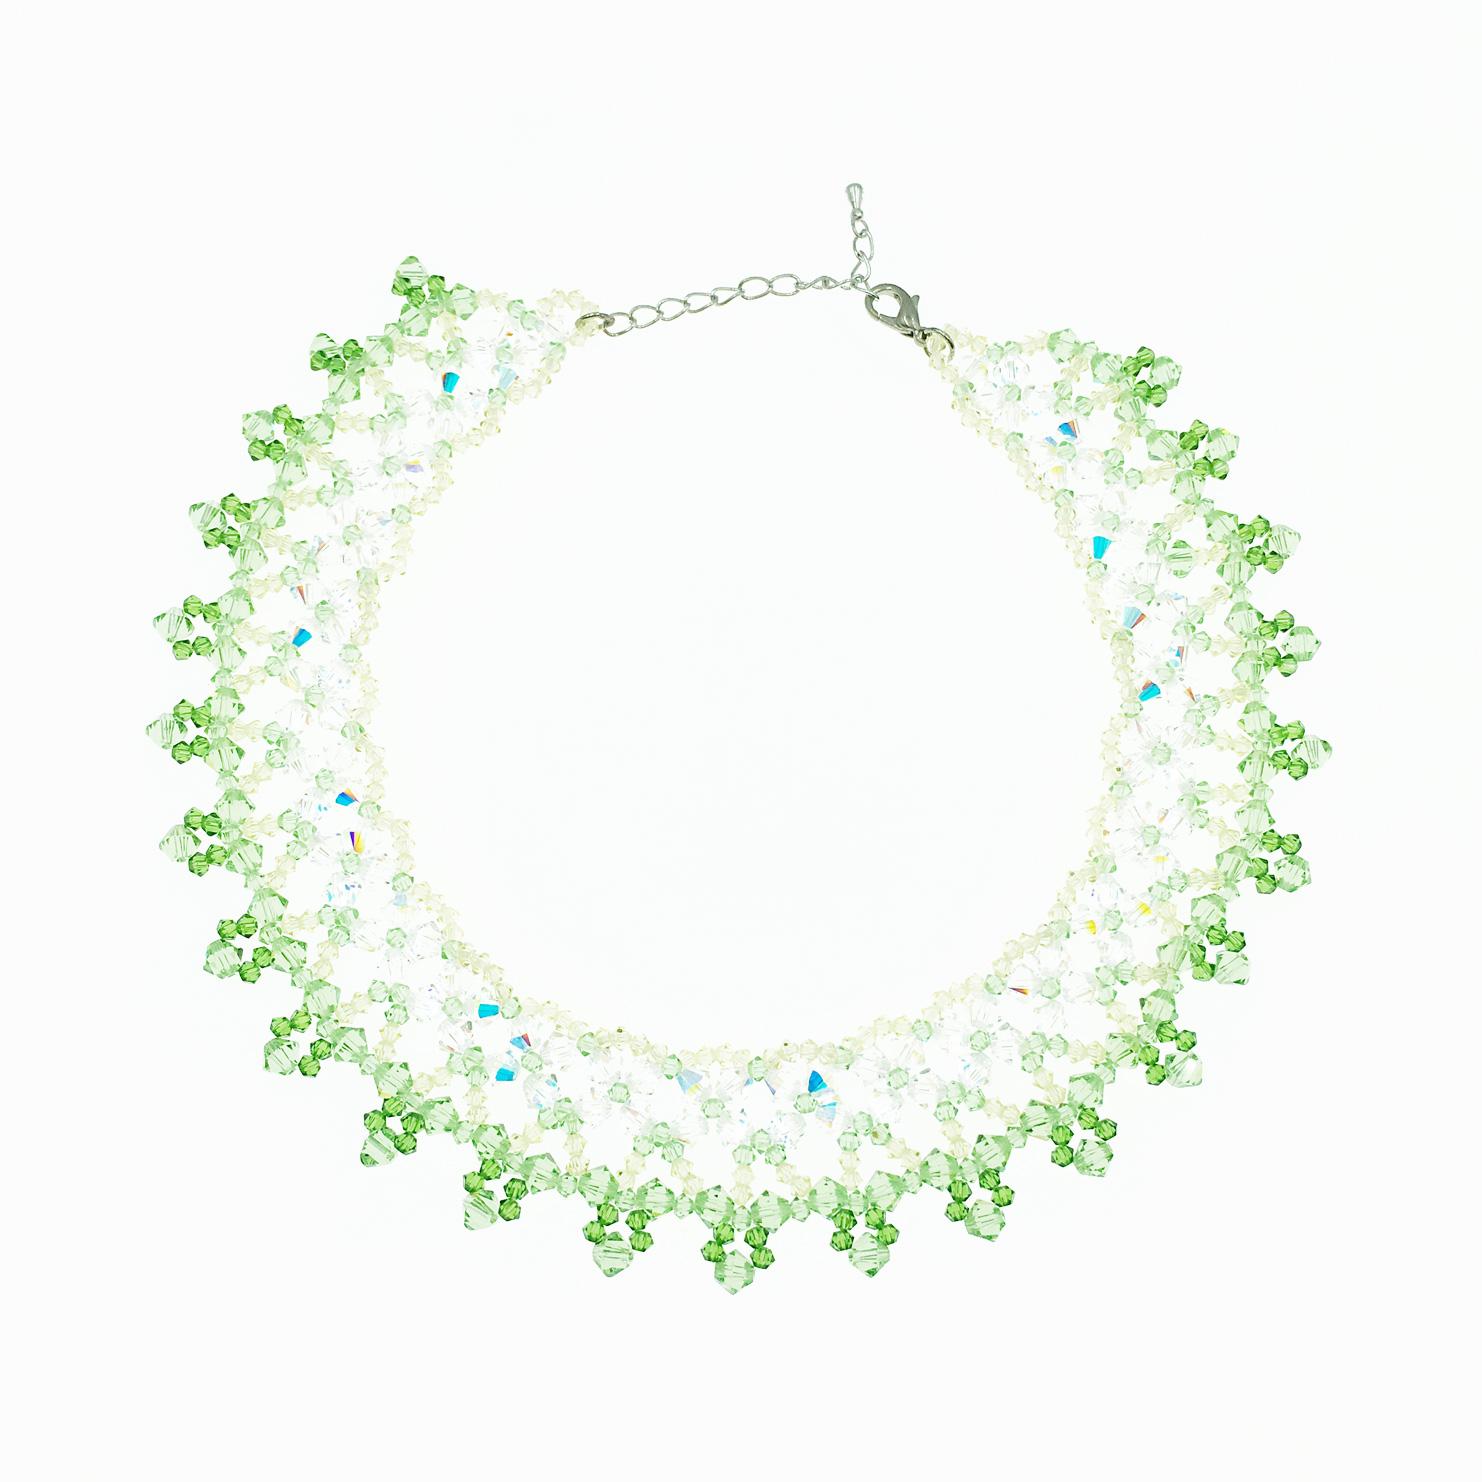 水晶 寶石 透明 綠色 黃色 項鍊 採用施華洛世奇水晶元素 Crystals from Swarovski